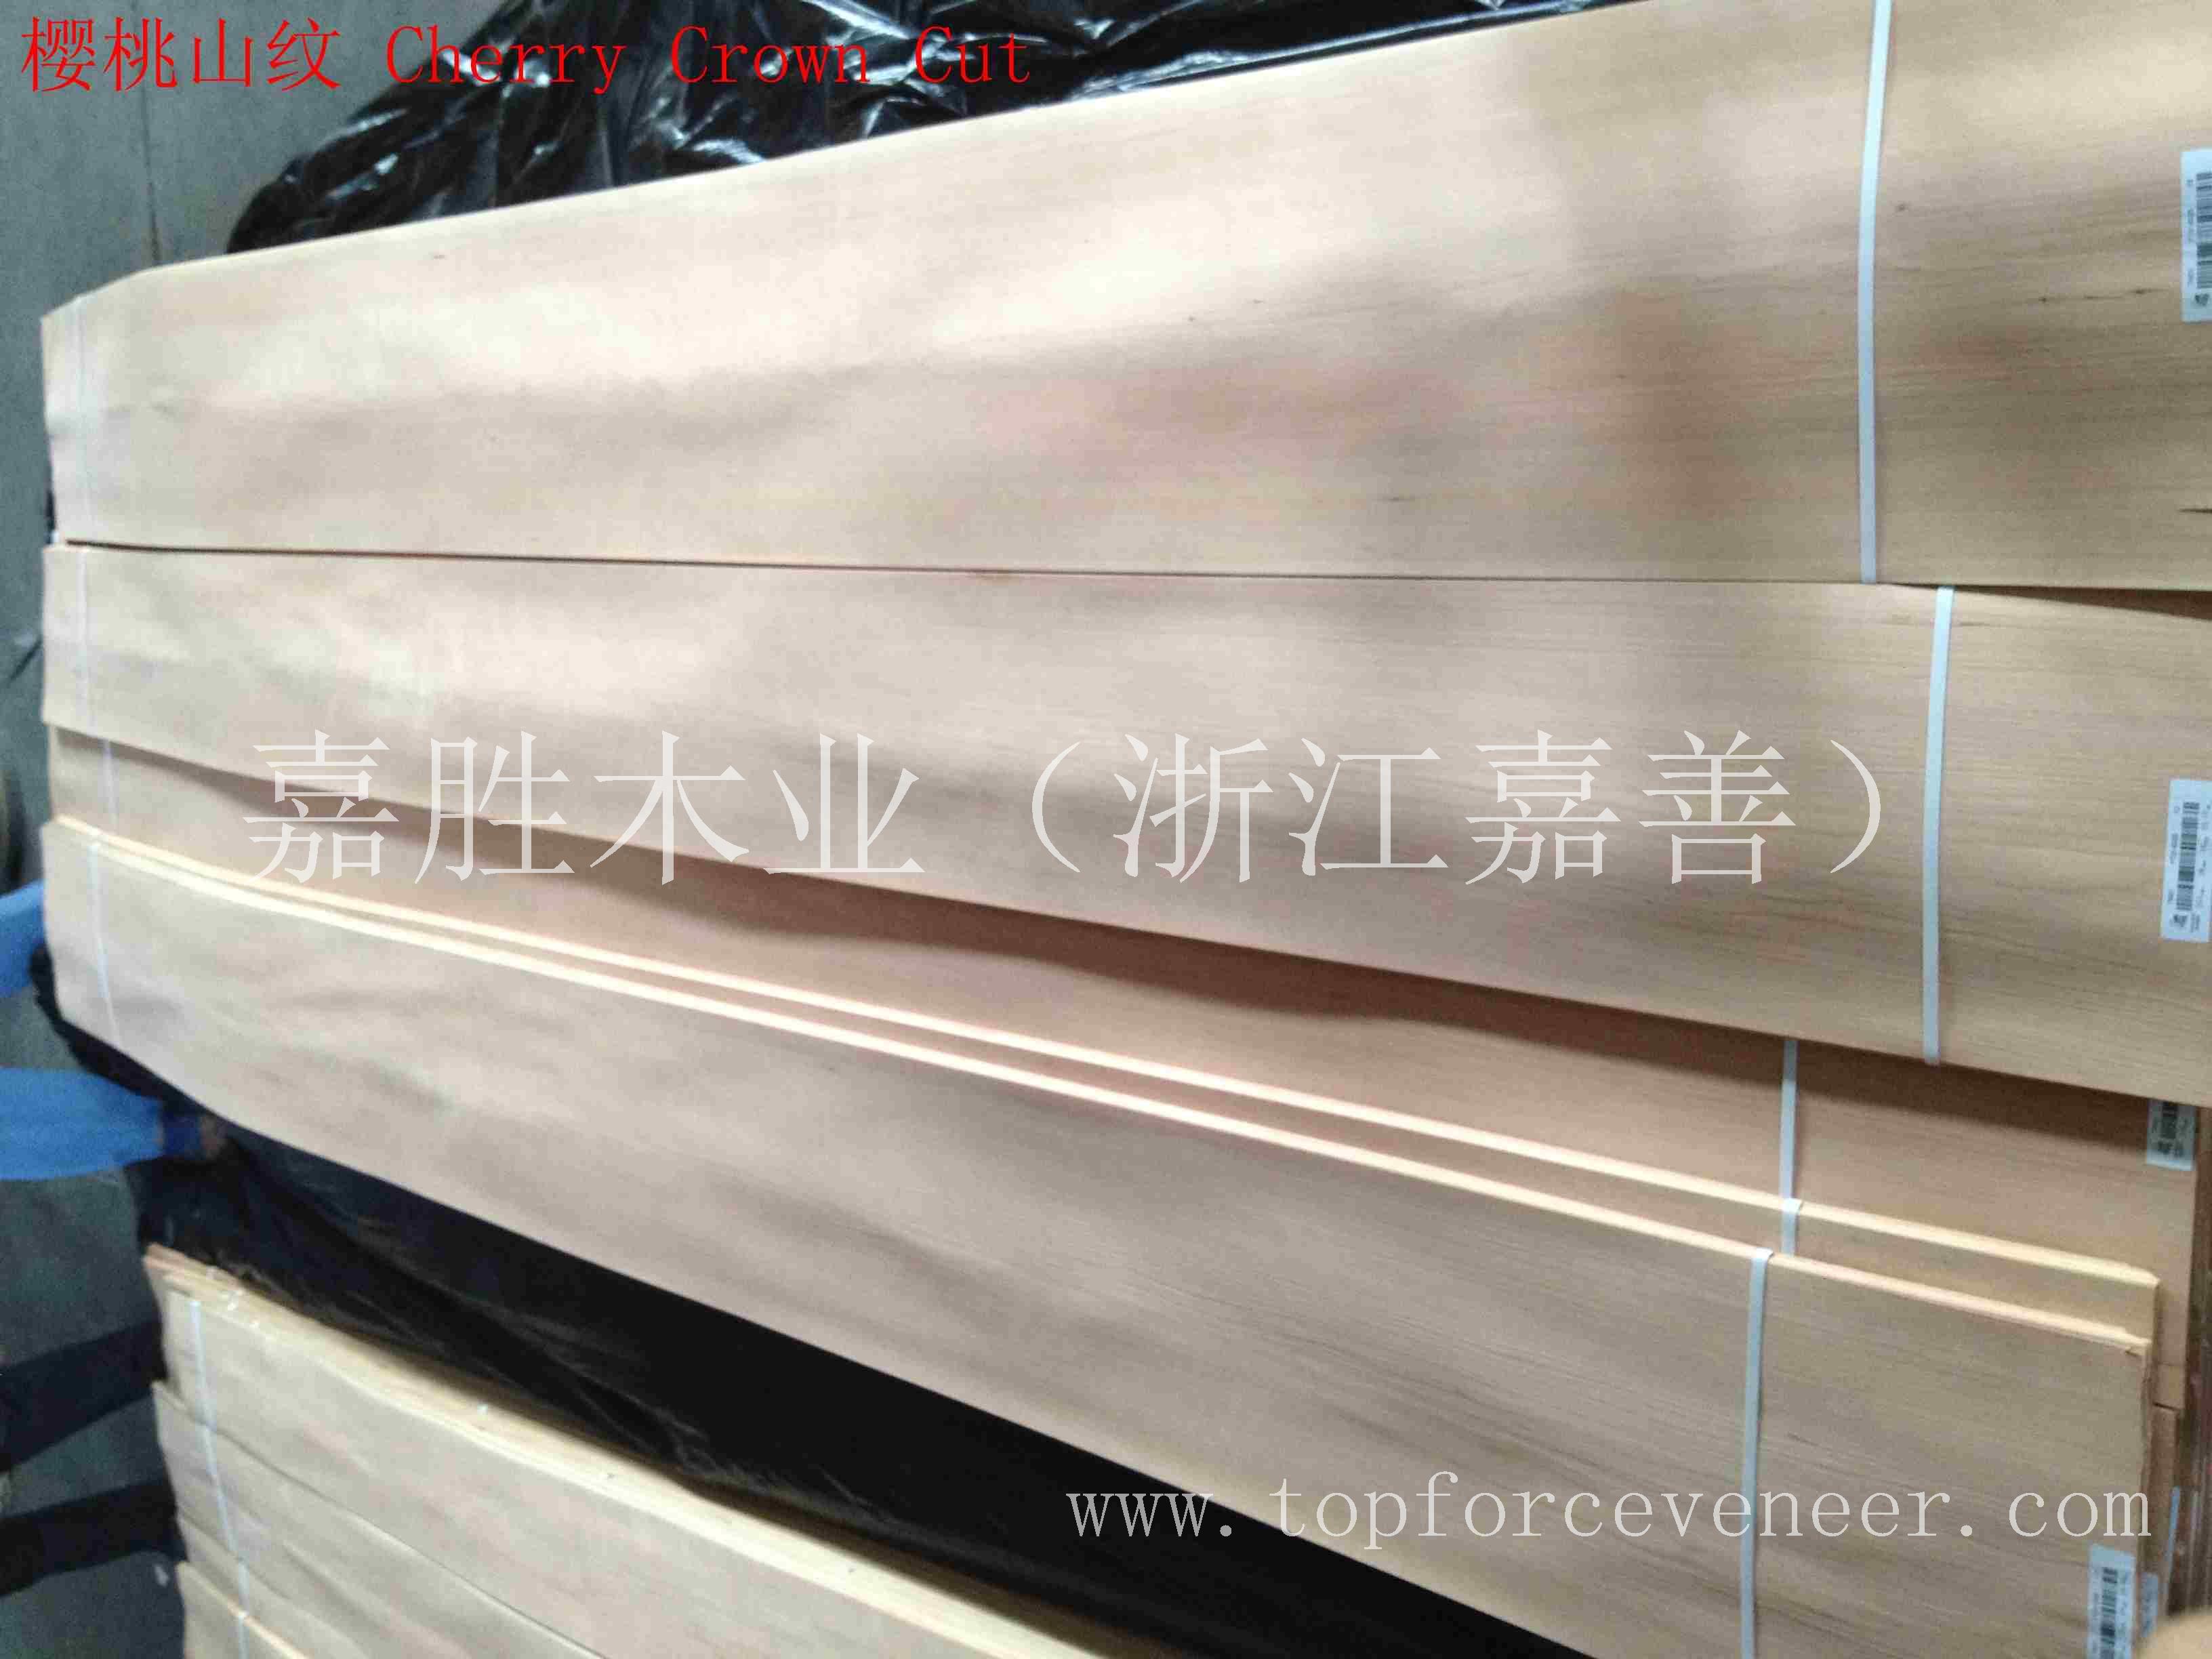 浙江嘉善美国樱桃刨切木皮-ZheJiang JiaShan American Black Cherry Veneer Vertical Slicing Horizontal S